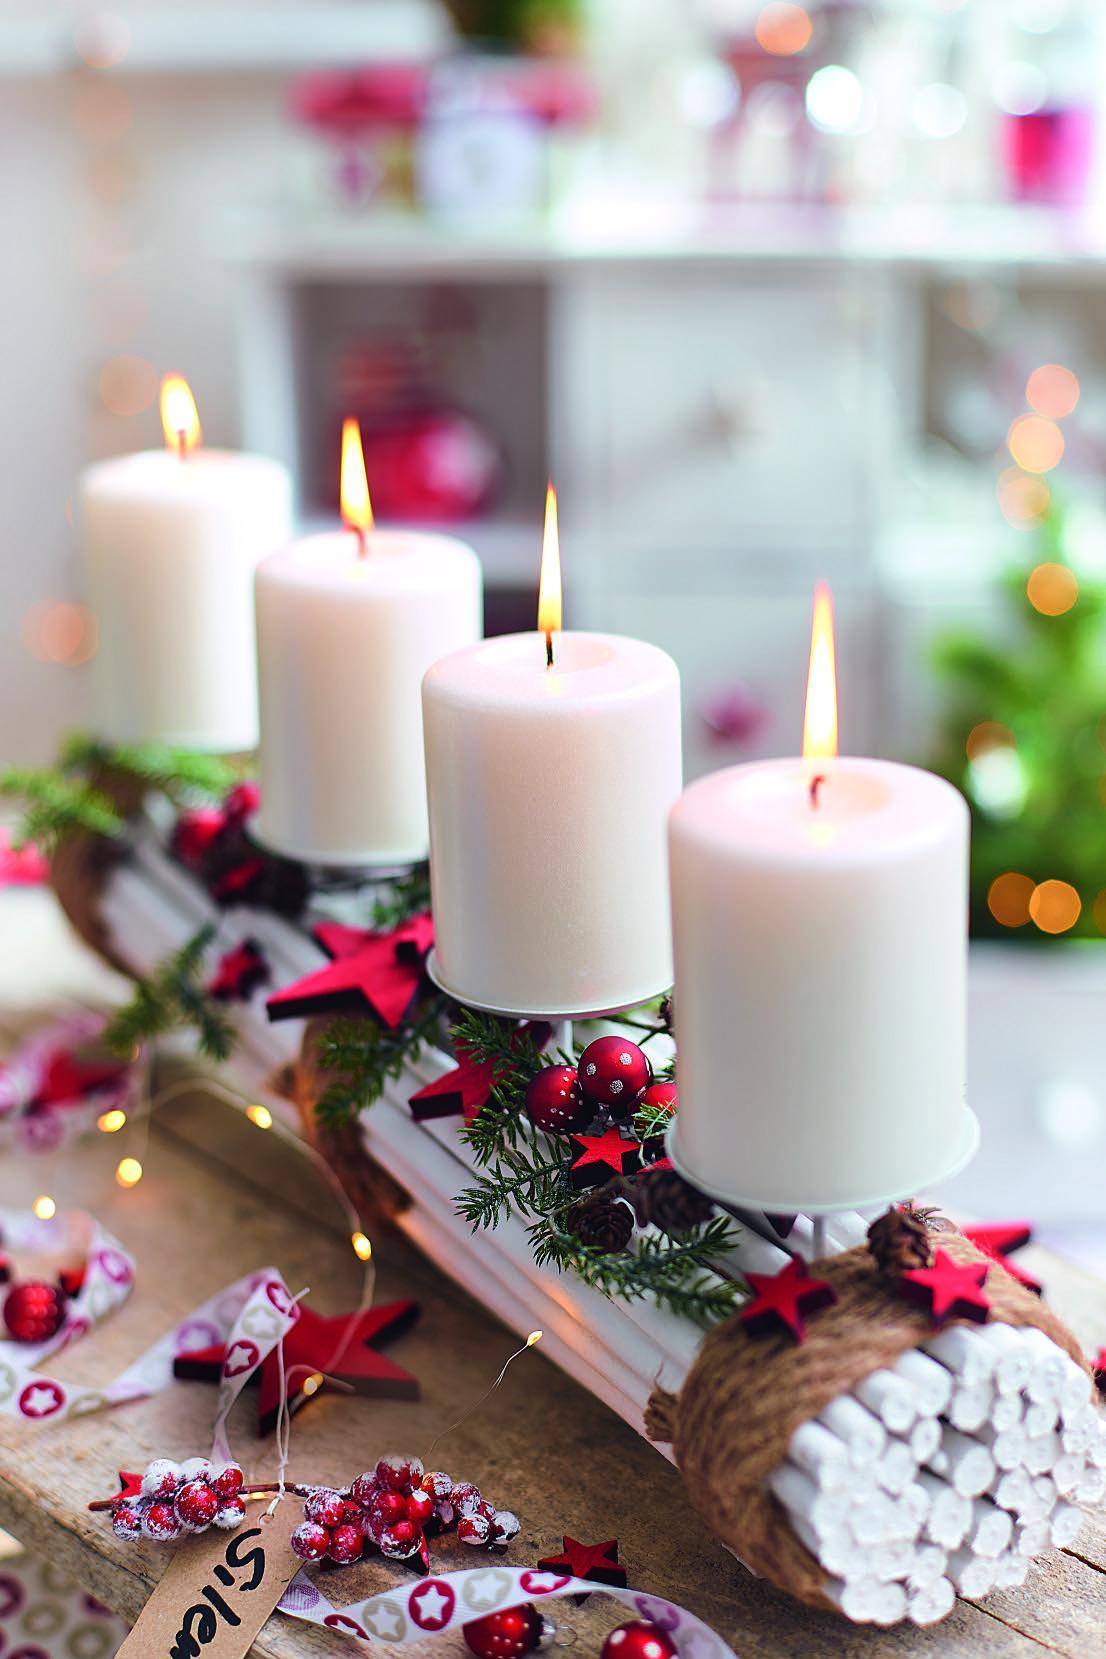 Weihnachten bei DEPOT depotdeko ©DEPOT • COUCH